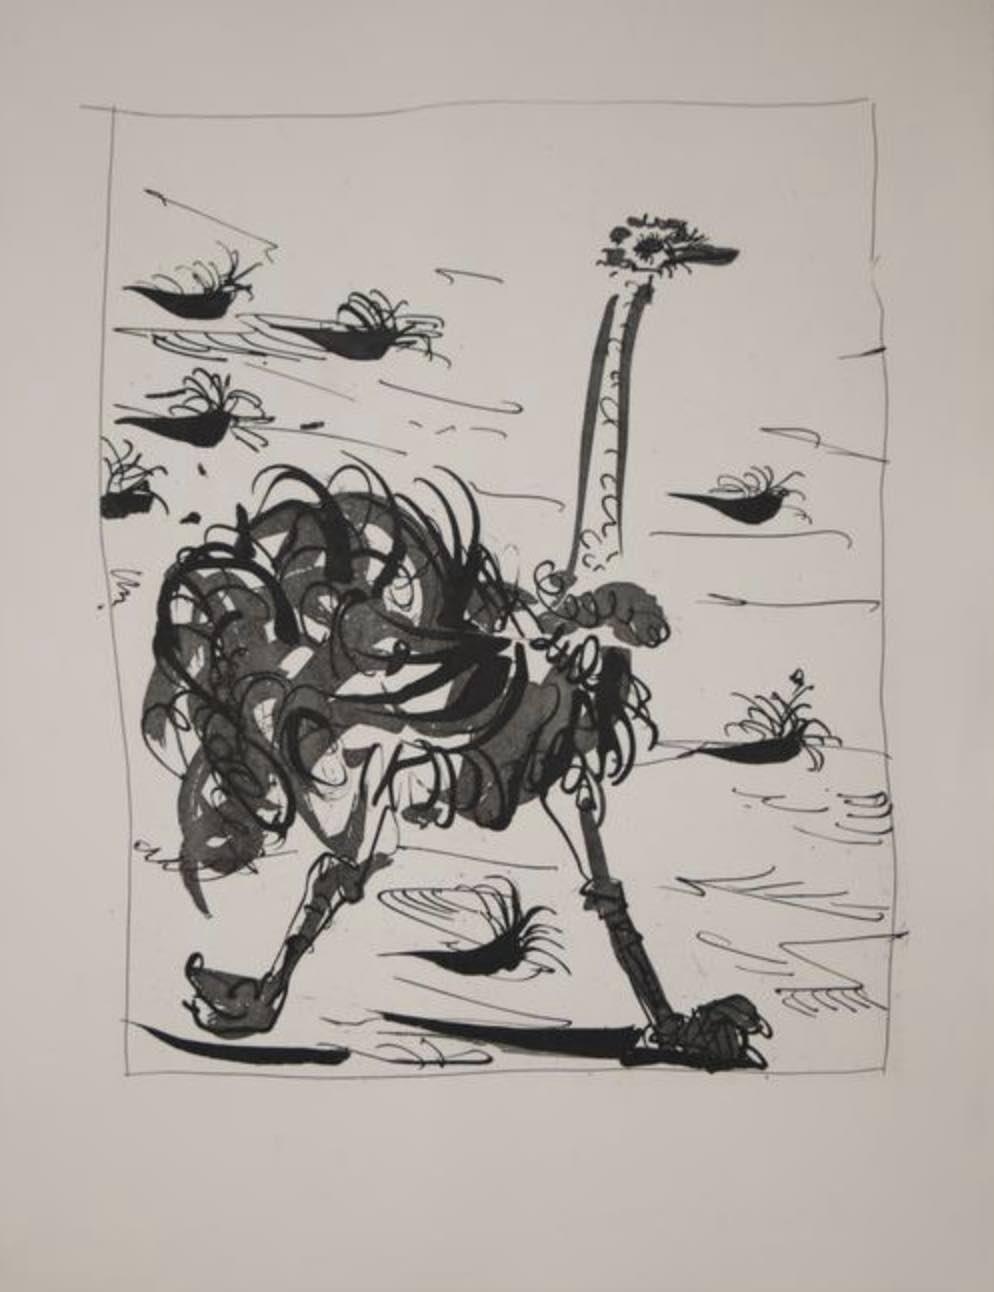 L'Autruche by Picasso